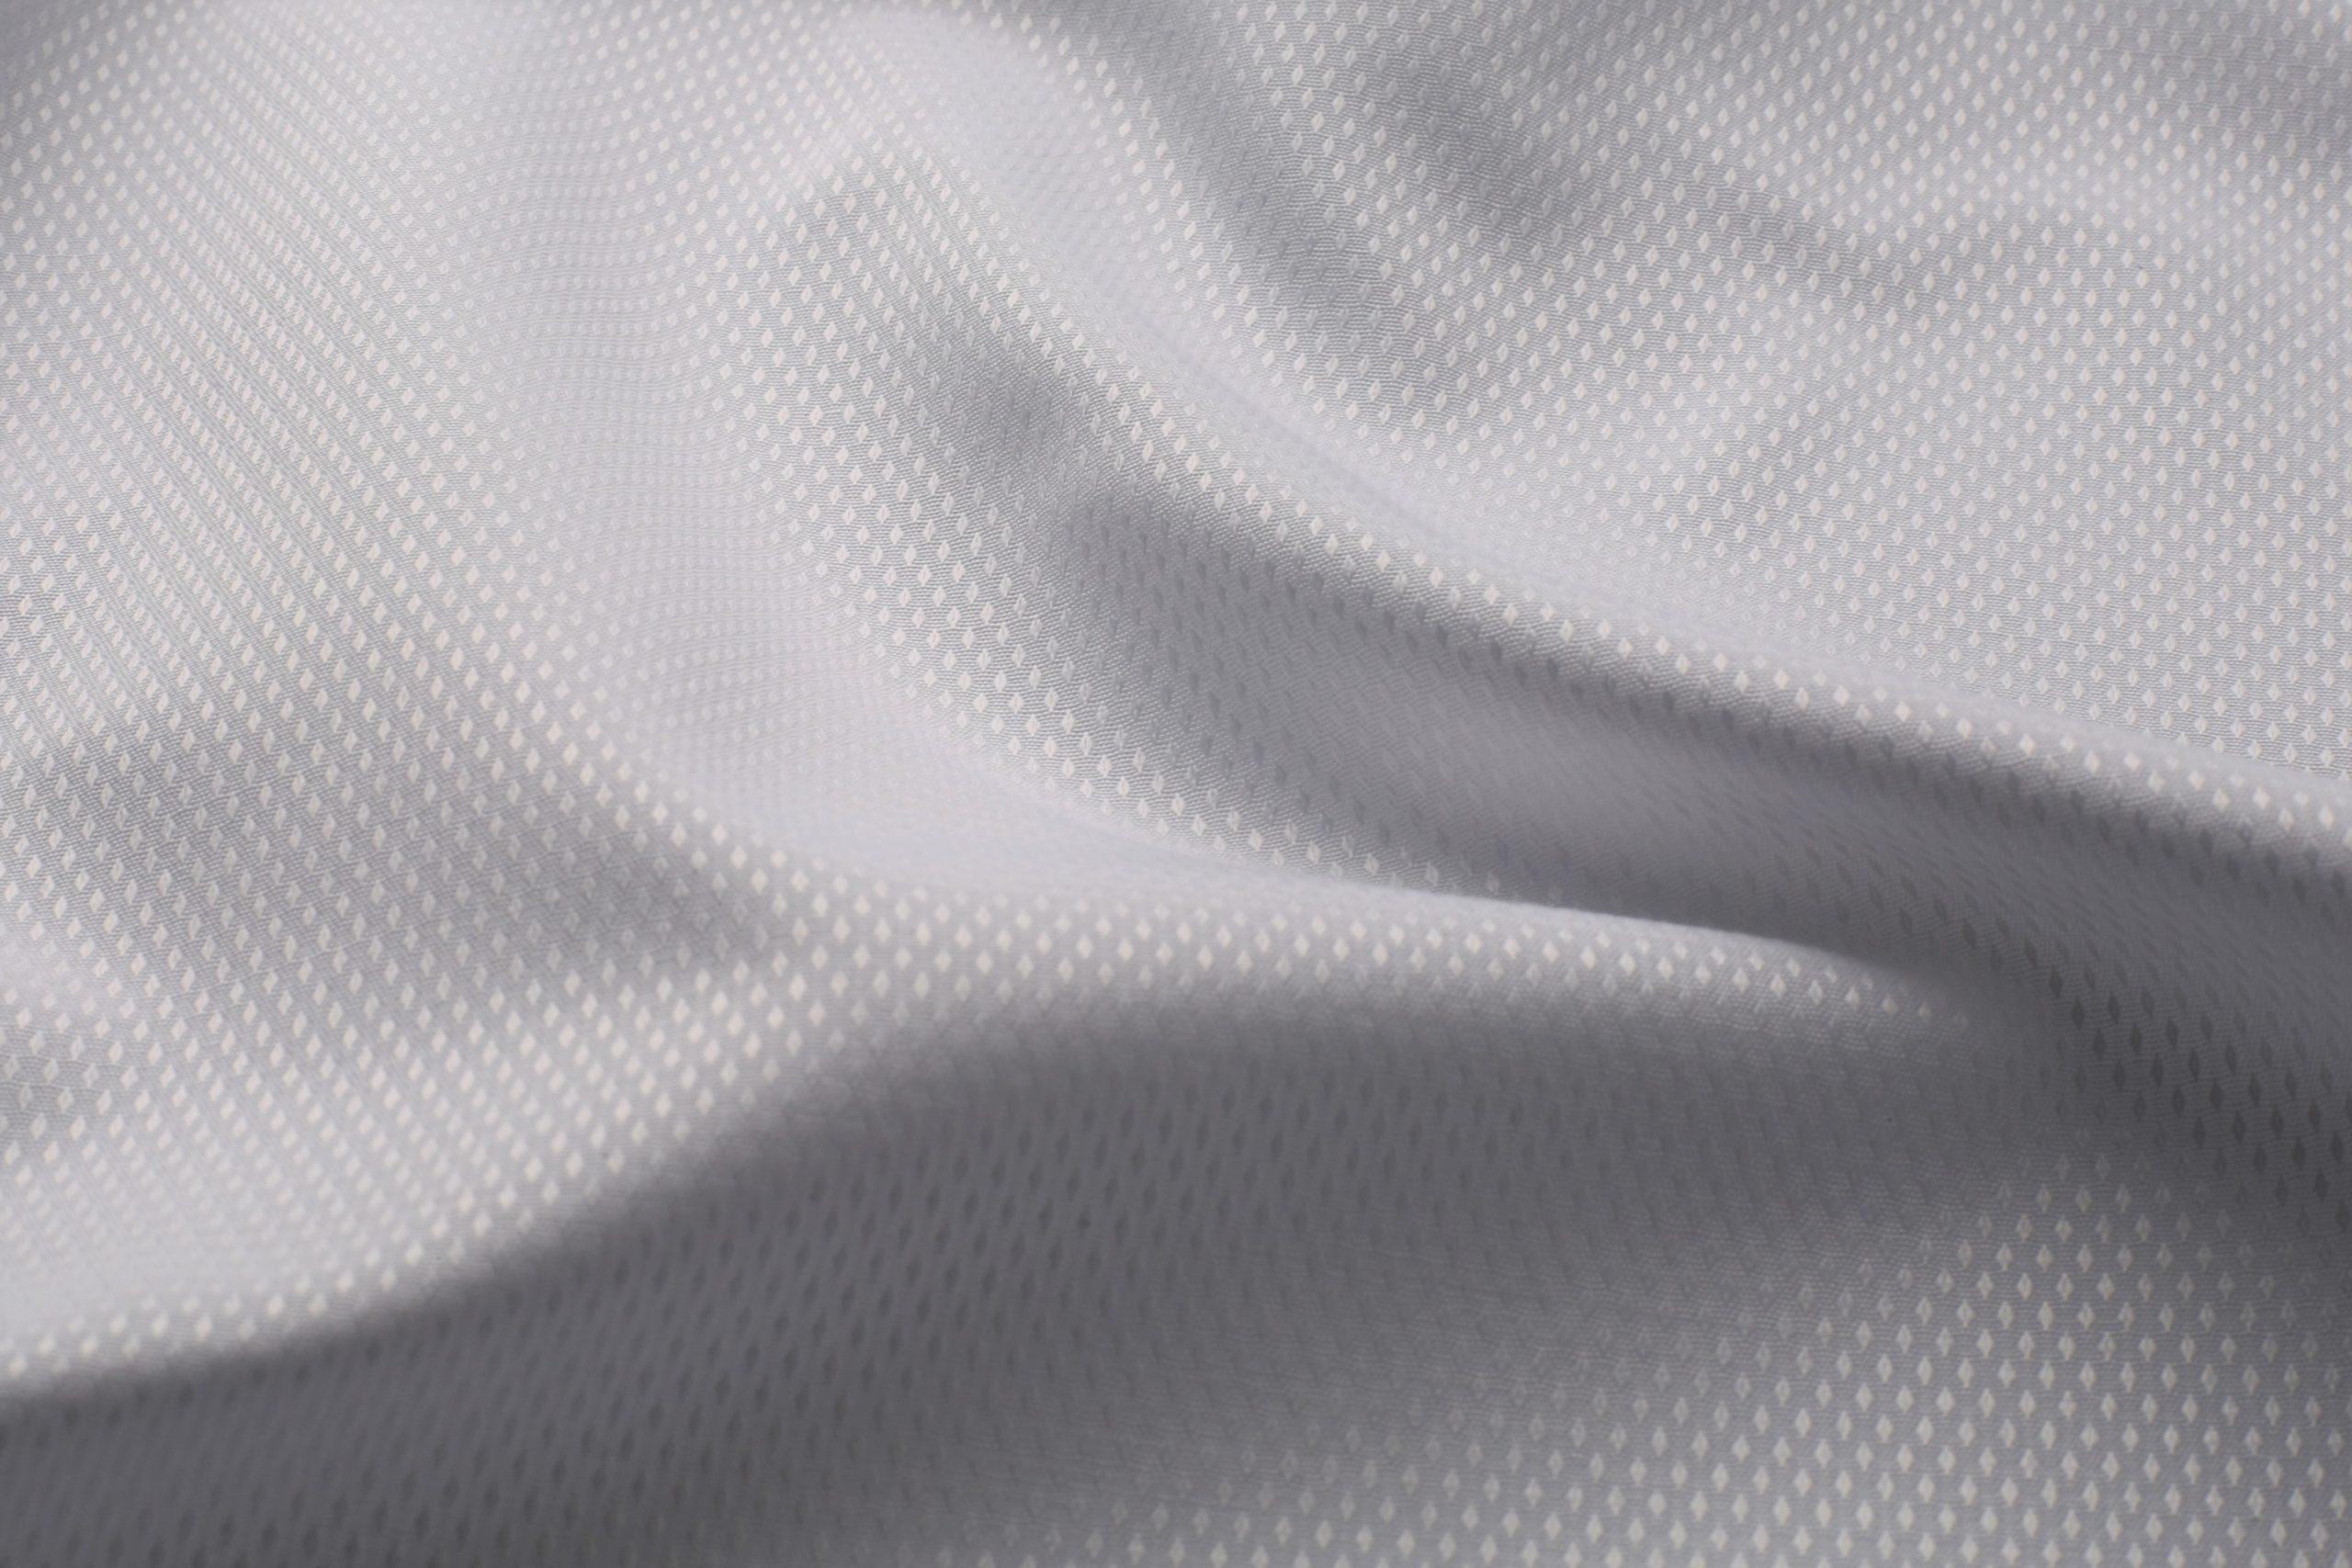 100_ cotton white dobby shirt fabric